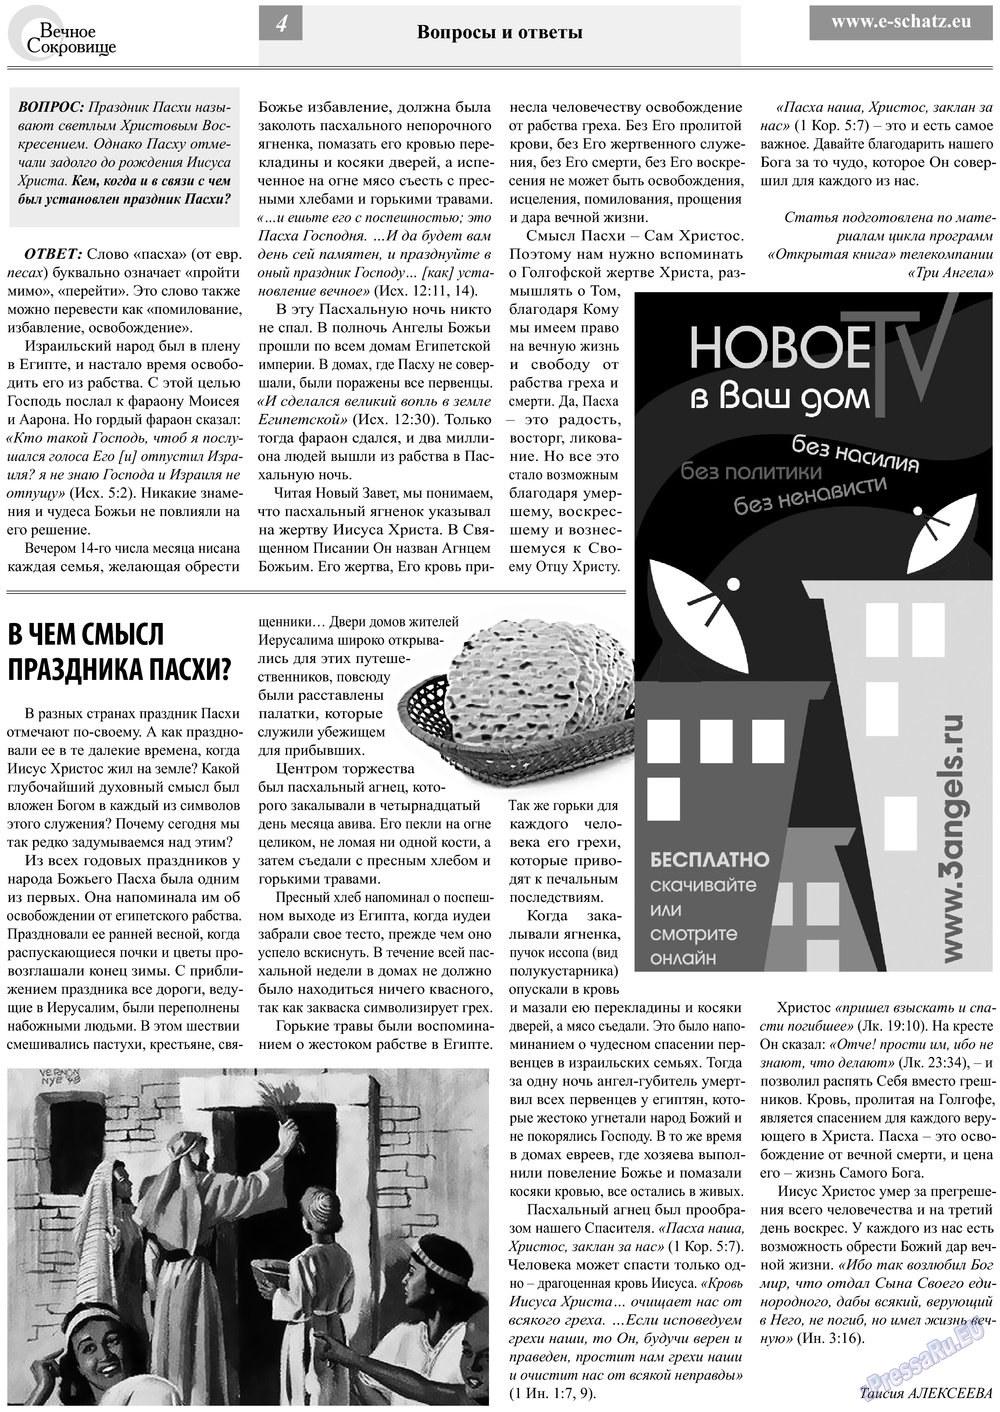 Вечное сокровище (газета). 2013 год, номер 2, стр. 4